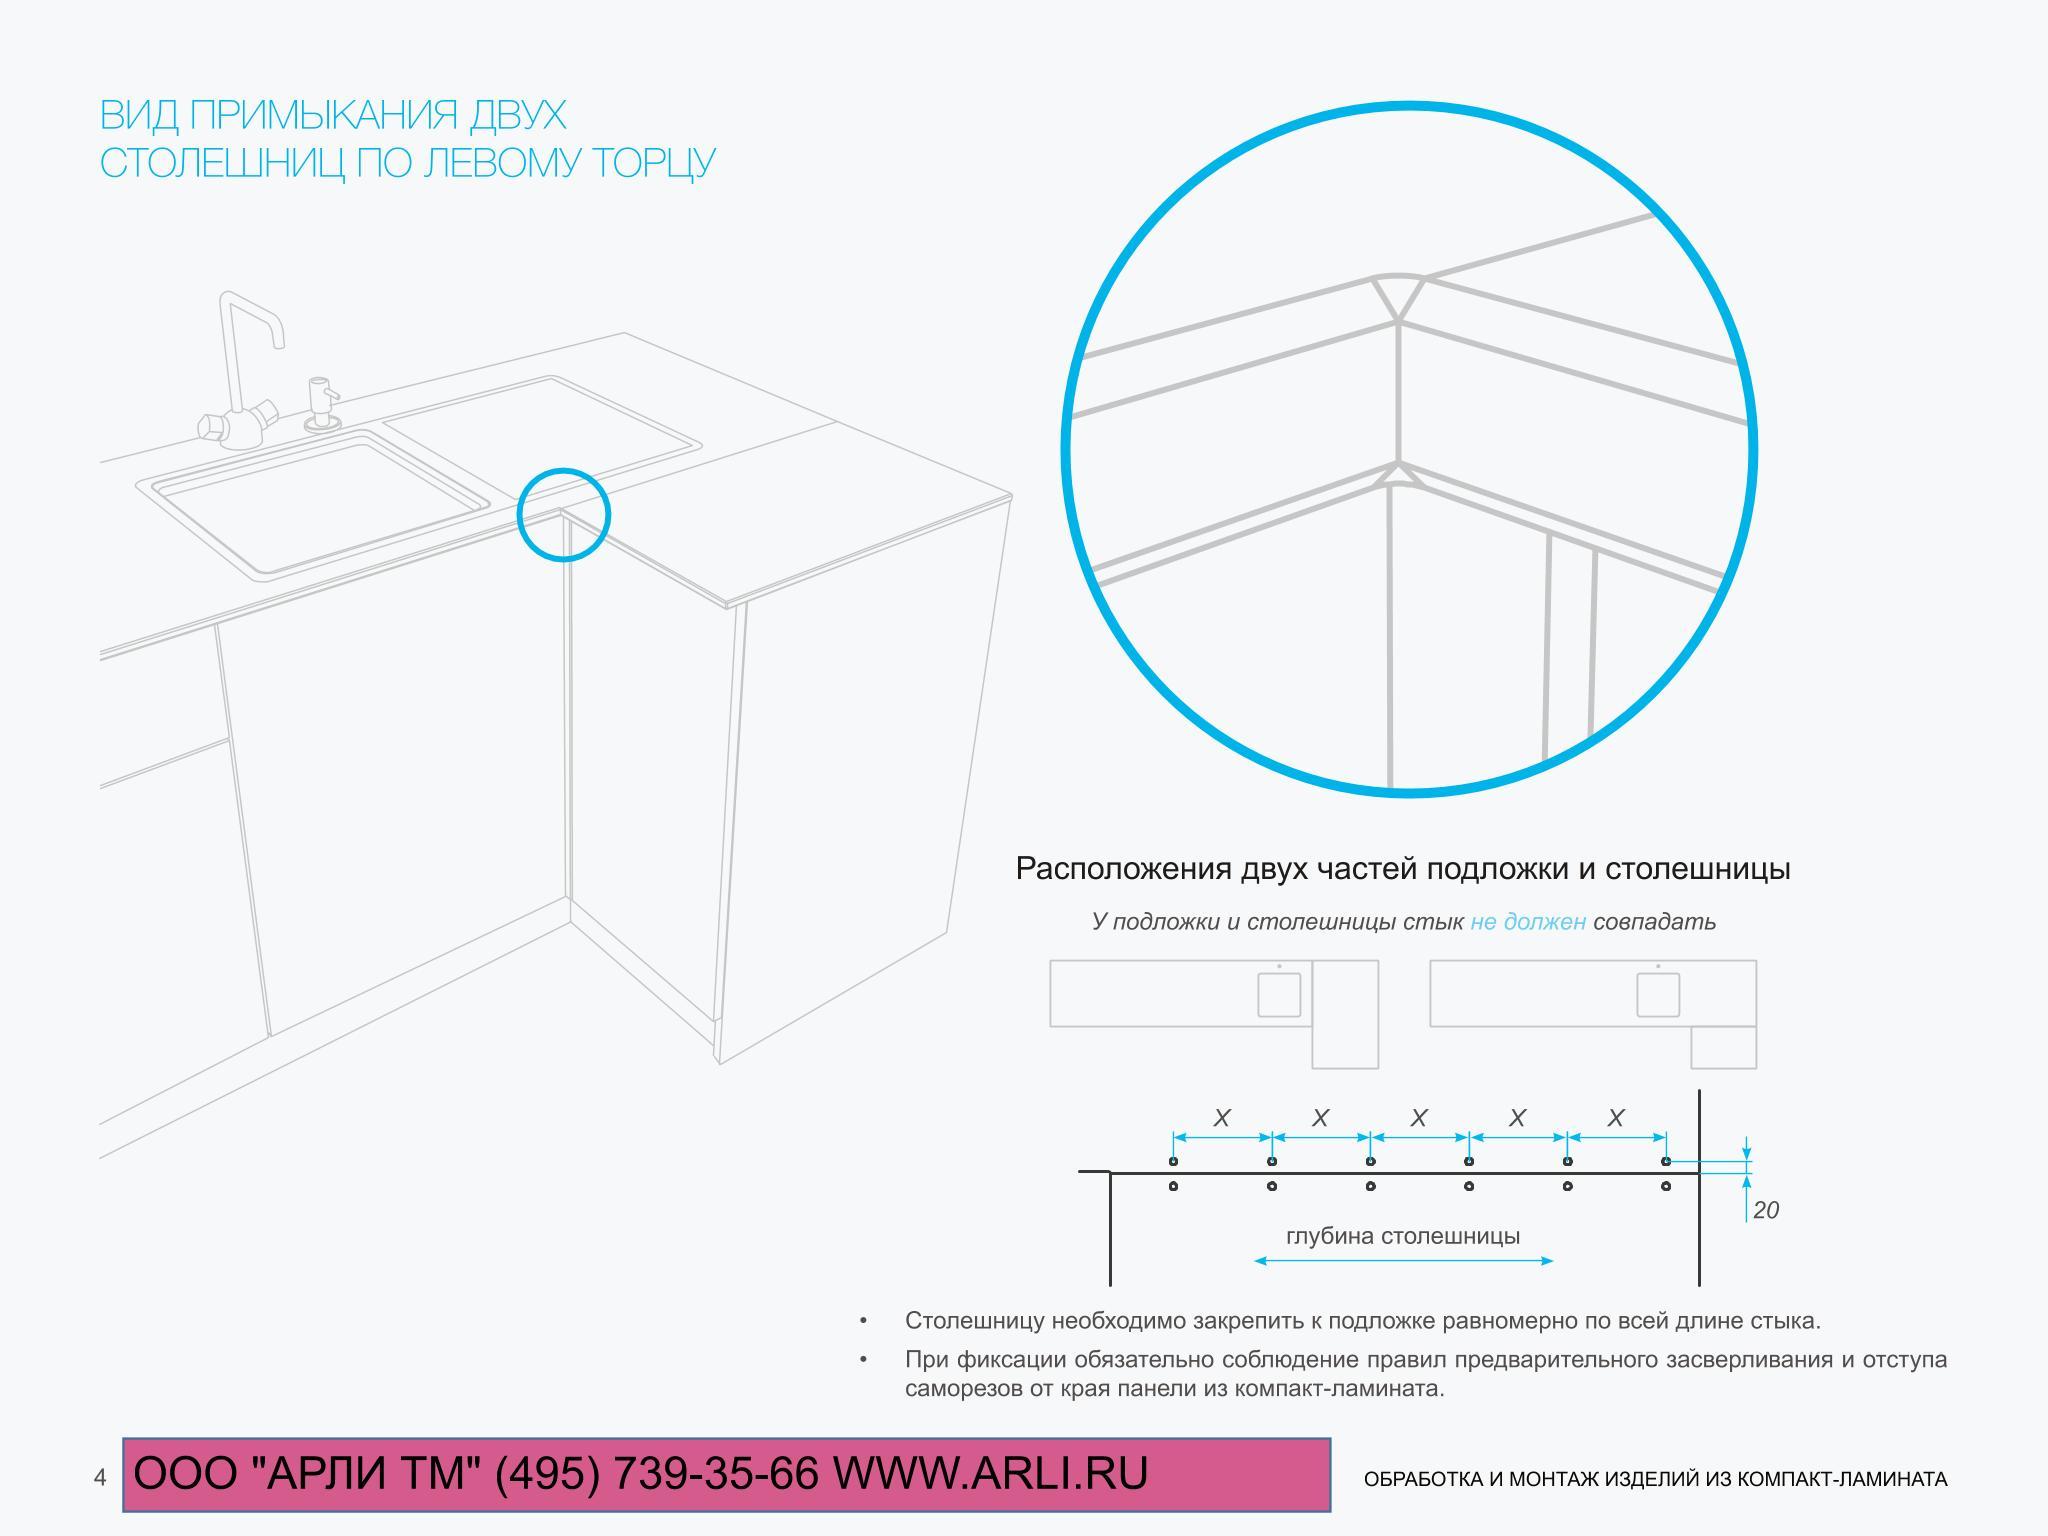 Инструкция по работе с компактом